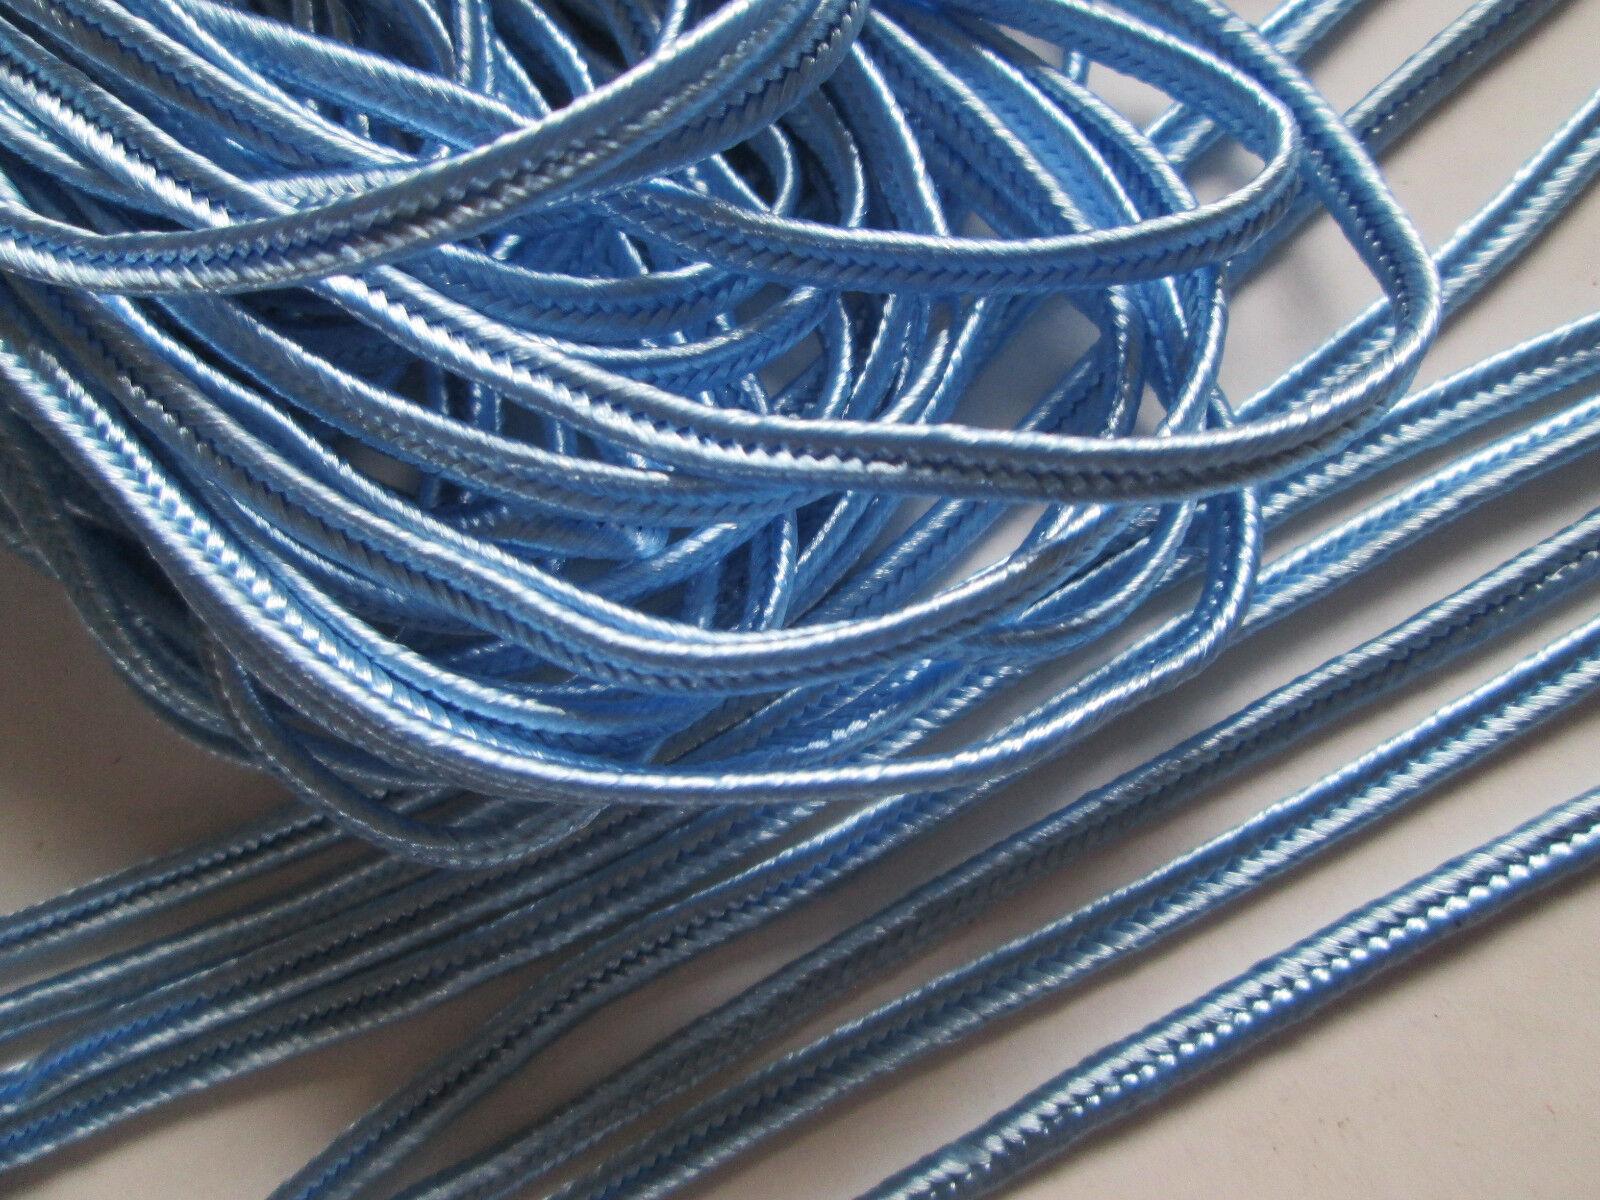 10 METER Flach kordel Satin Hell Blau 3mm elegante Borte Spitze KR 102****